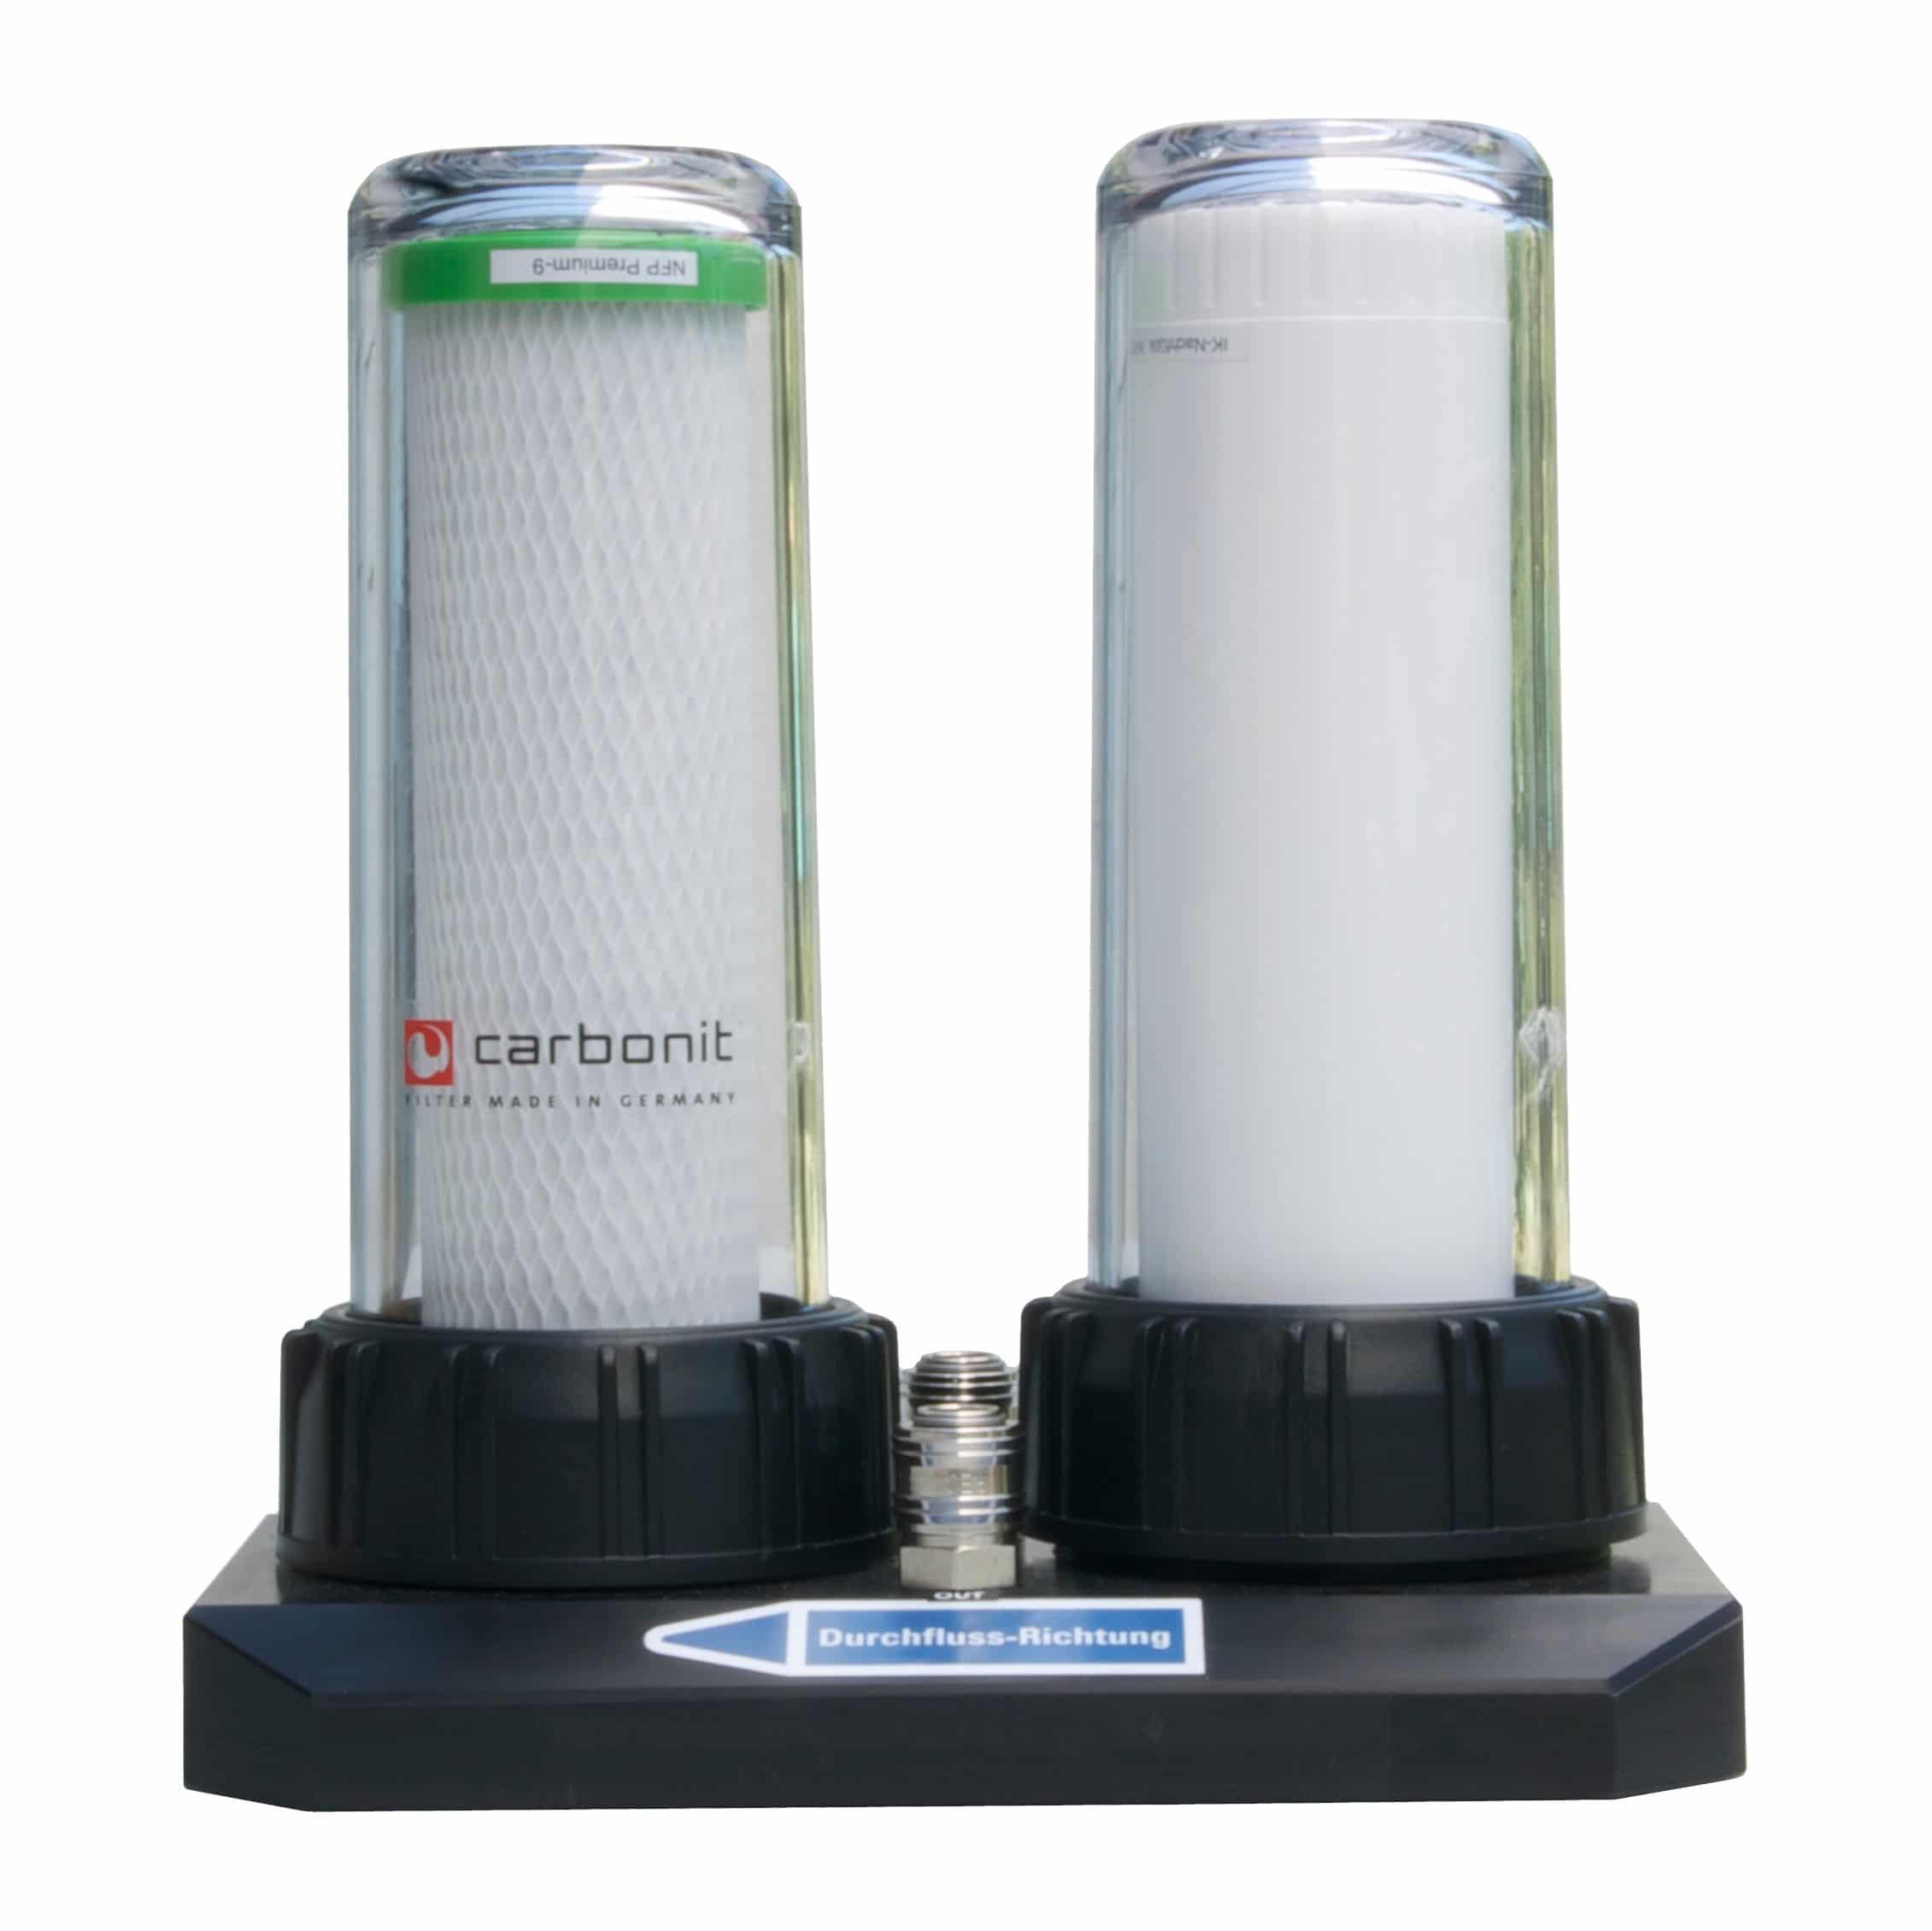 DUO HP Série de Carbonit pour des cartouches placées en série